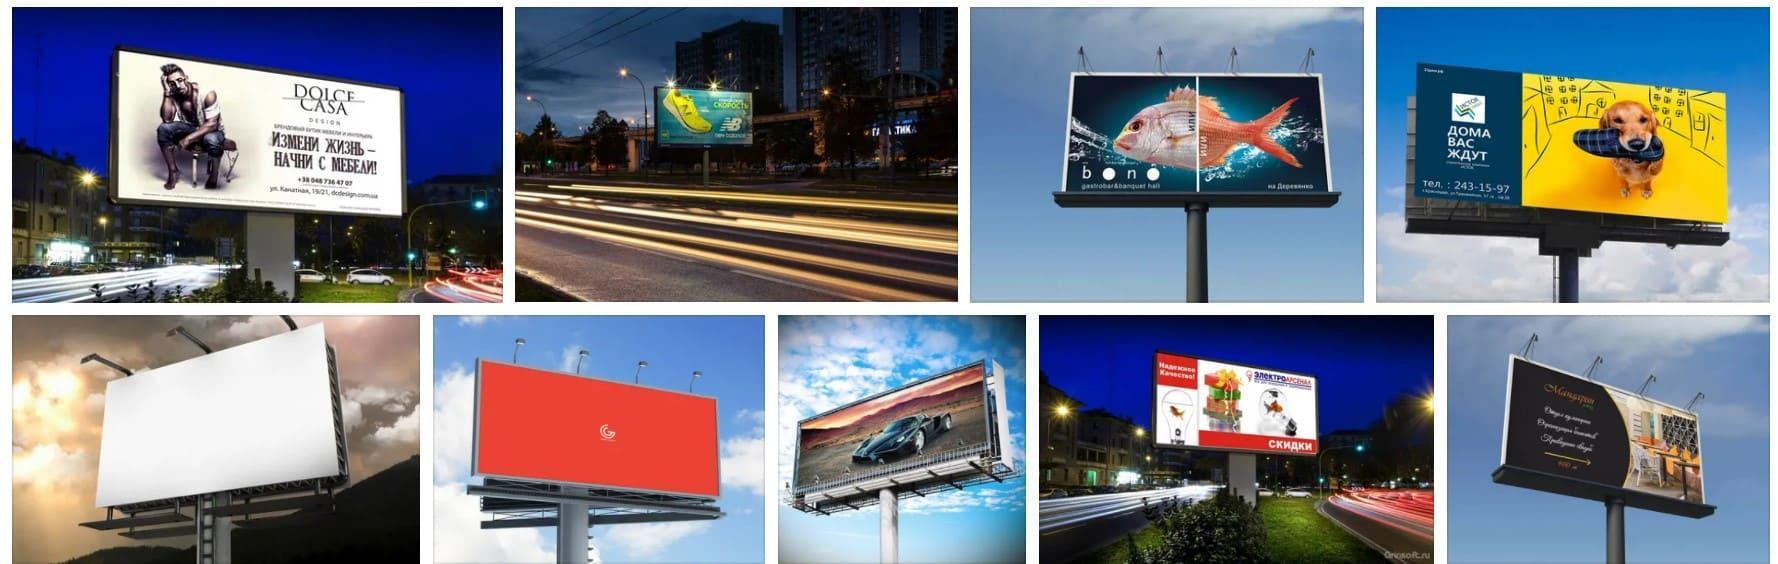 Как эффективно использовать наружную рекламу на билбордах